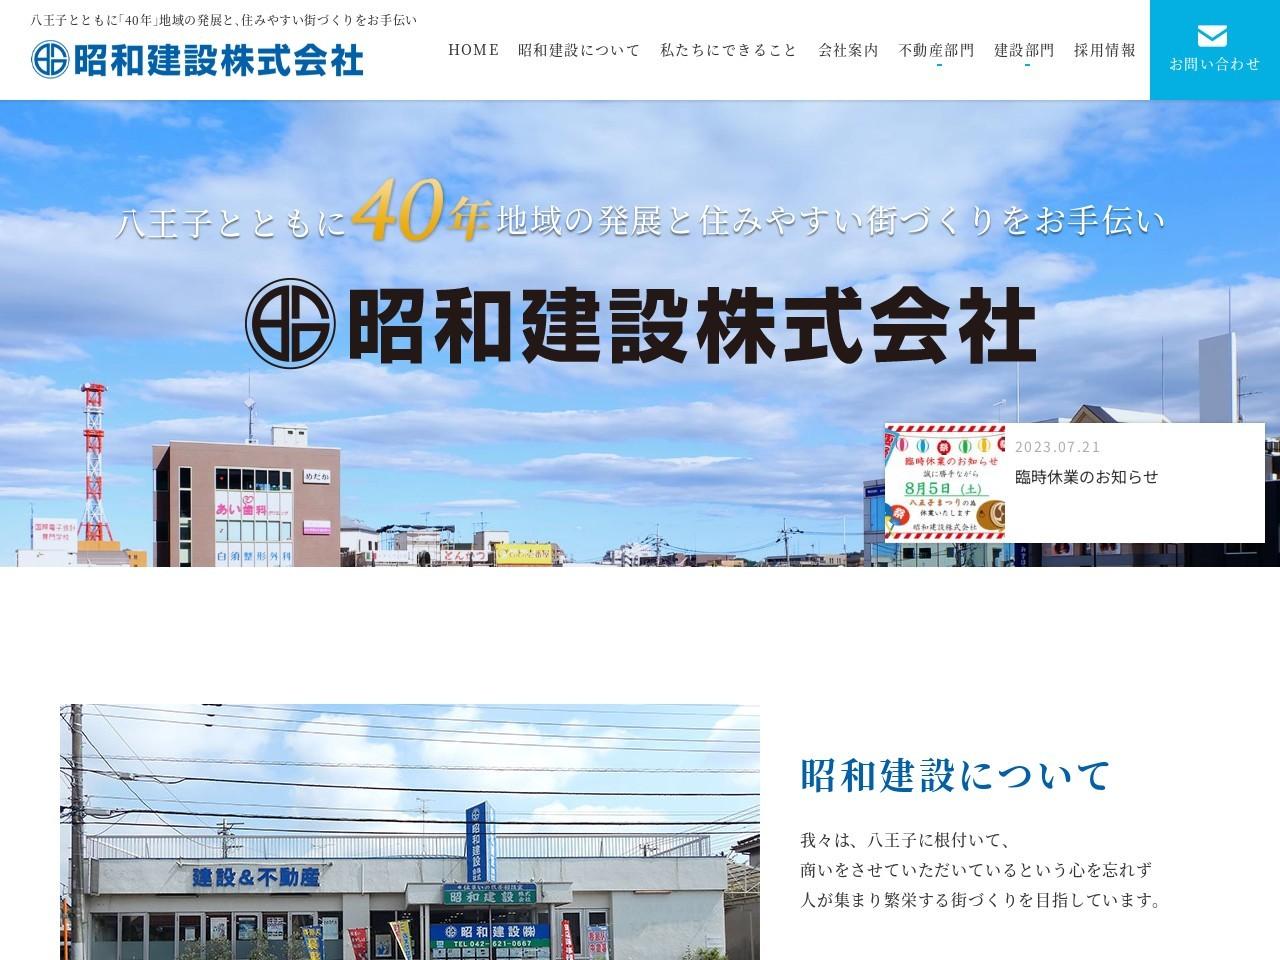 昭和建設株式会社